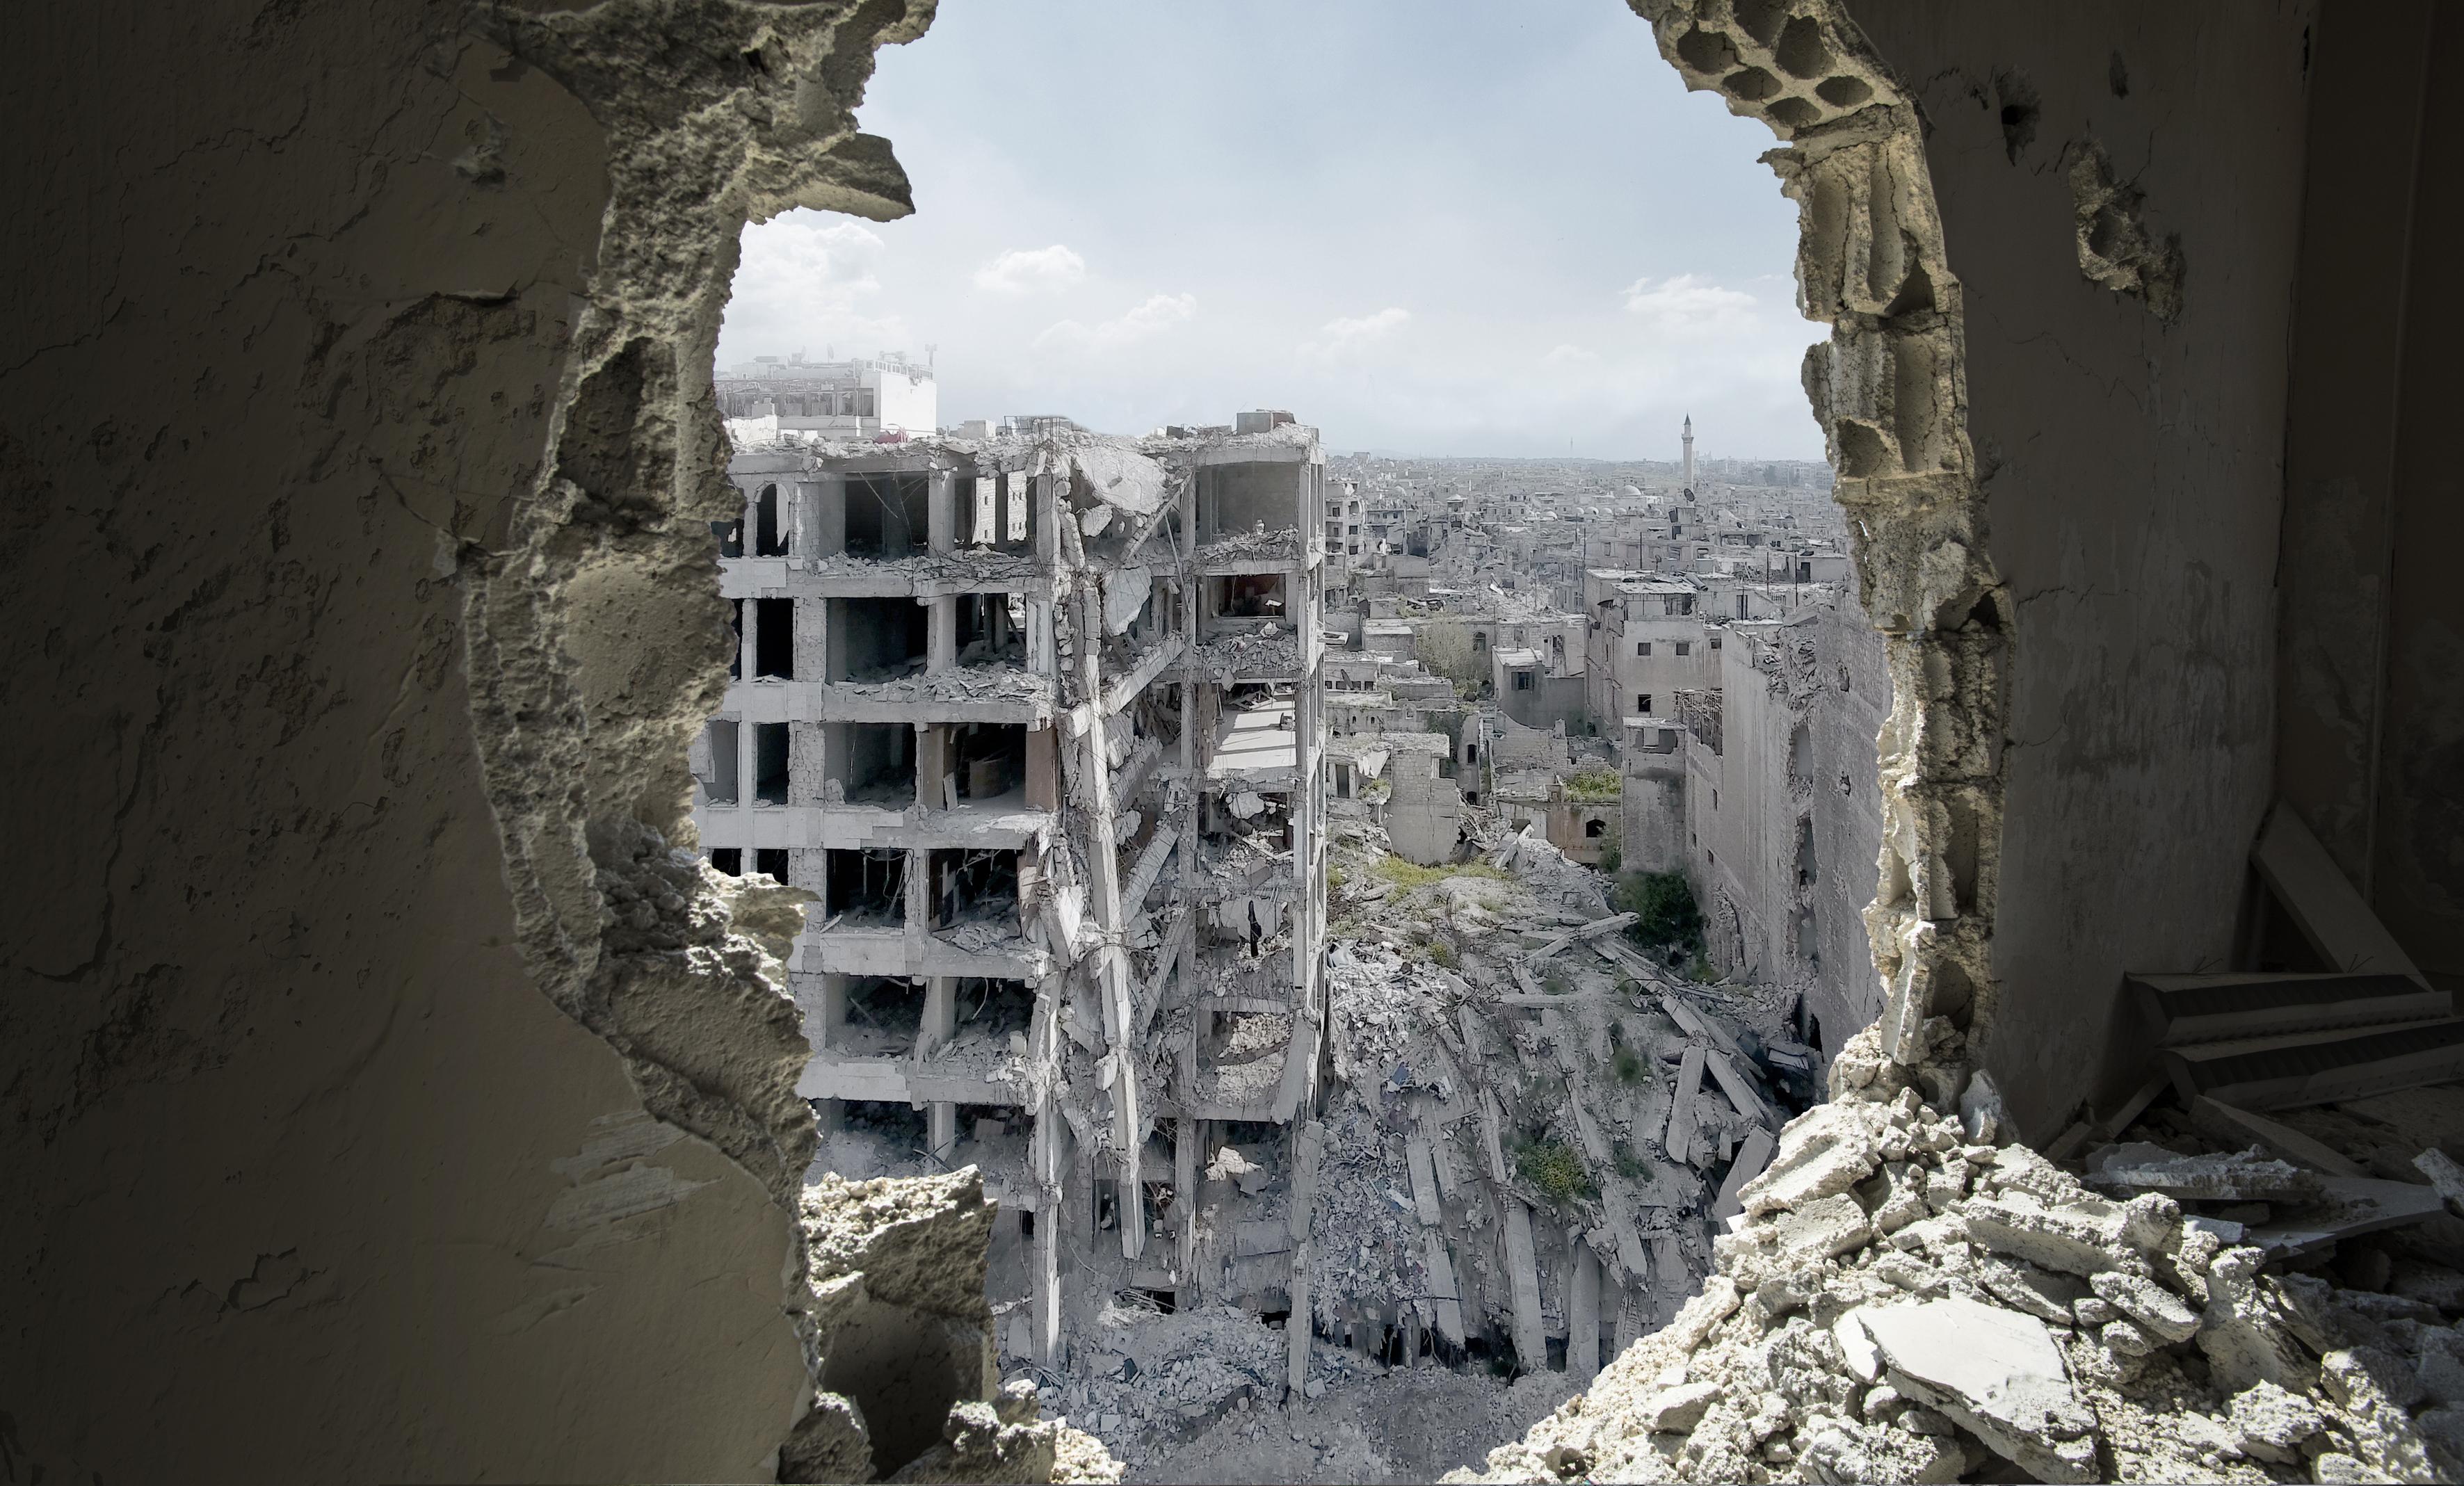 Aleppo. Come si uccide una città? mostra curata da Domenico Quirico a Palazzo Mazzetti Asti Piemonte cultura mostre eventi approfondimenti